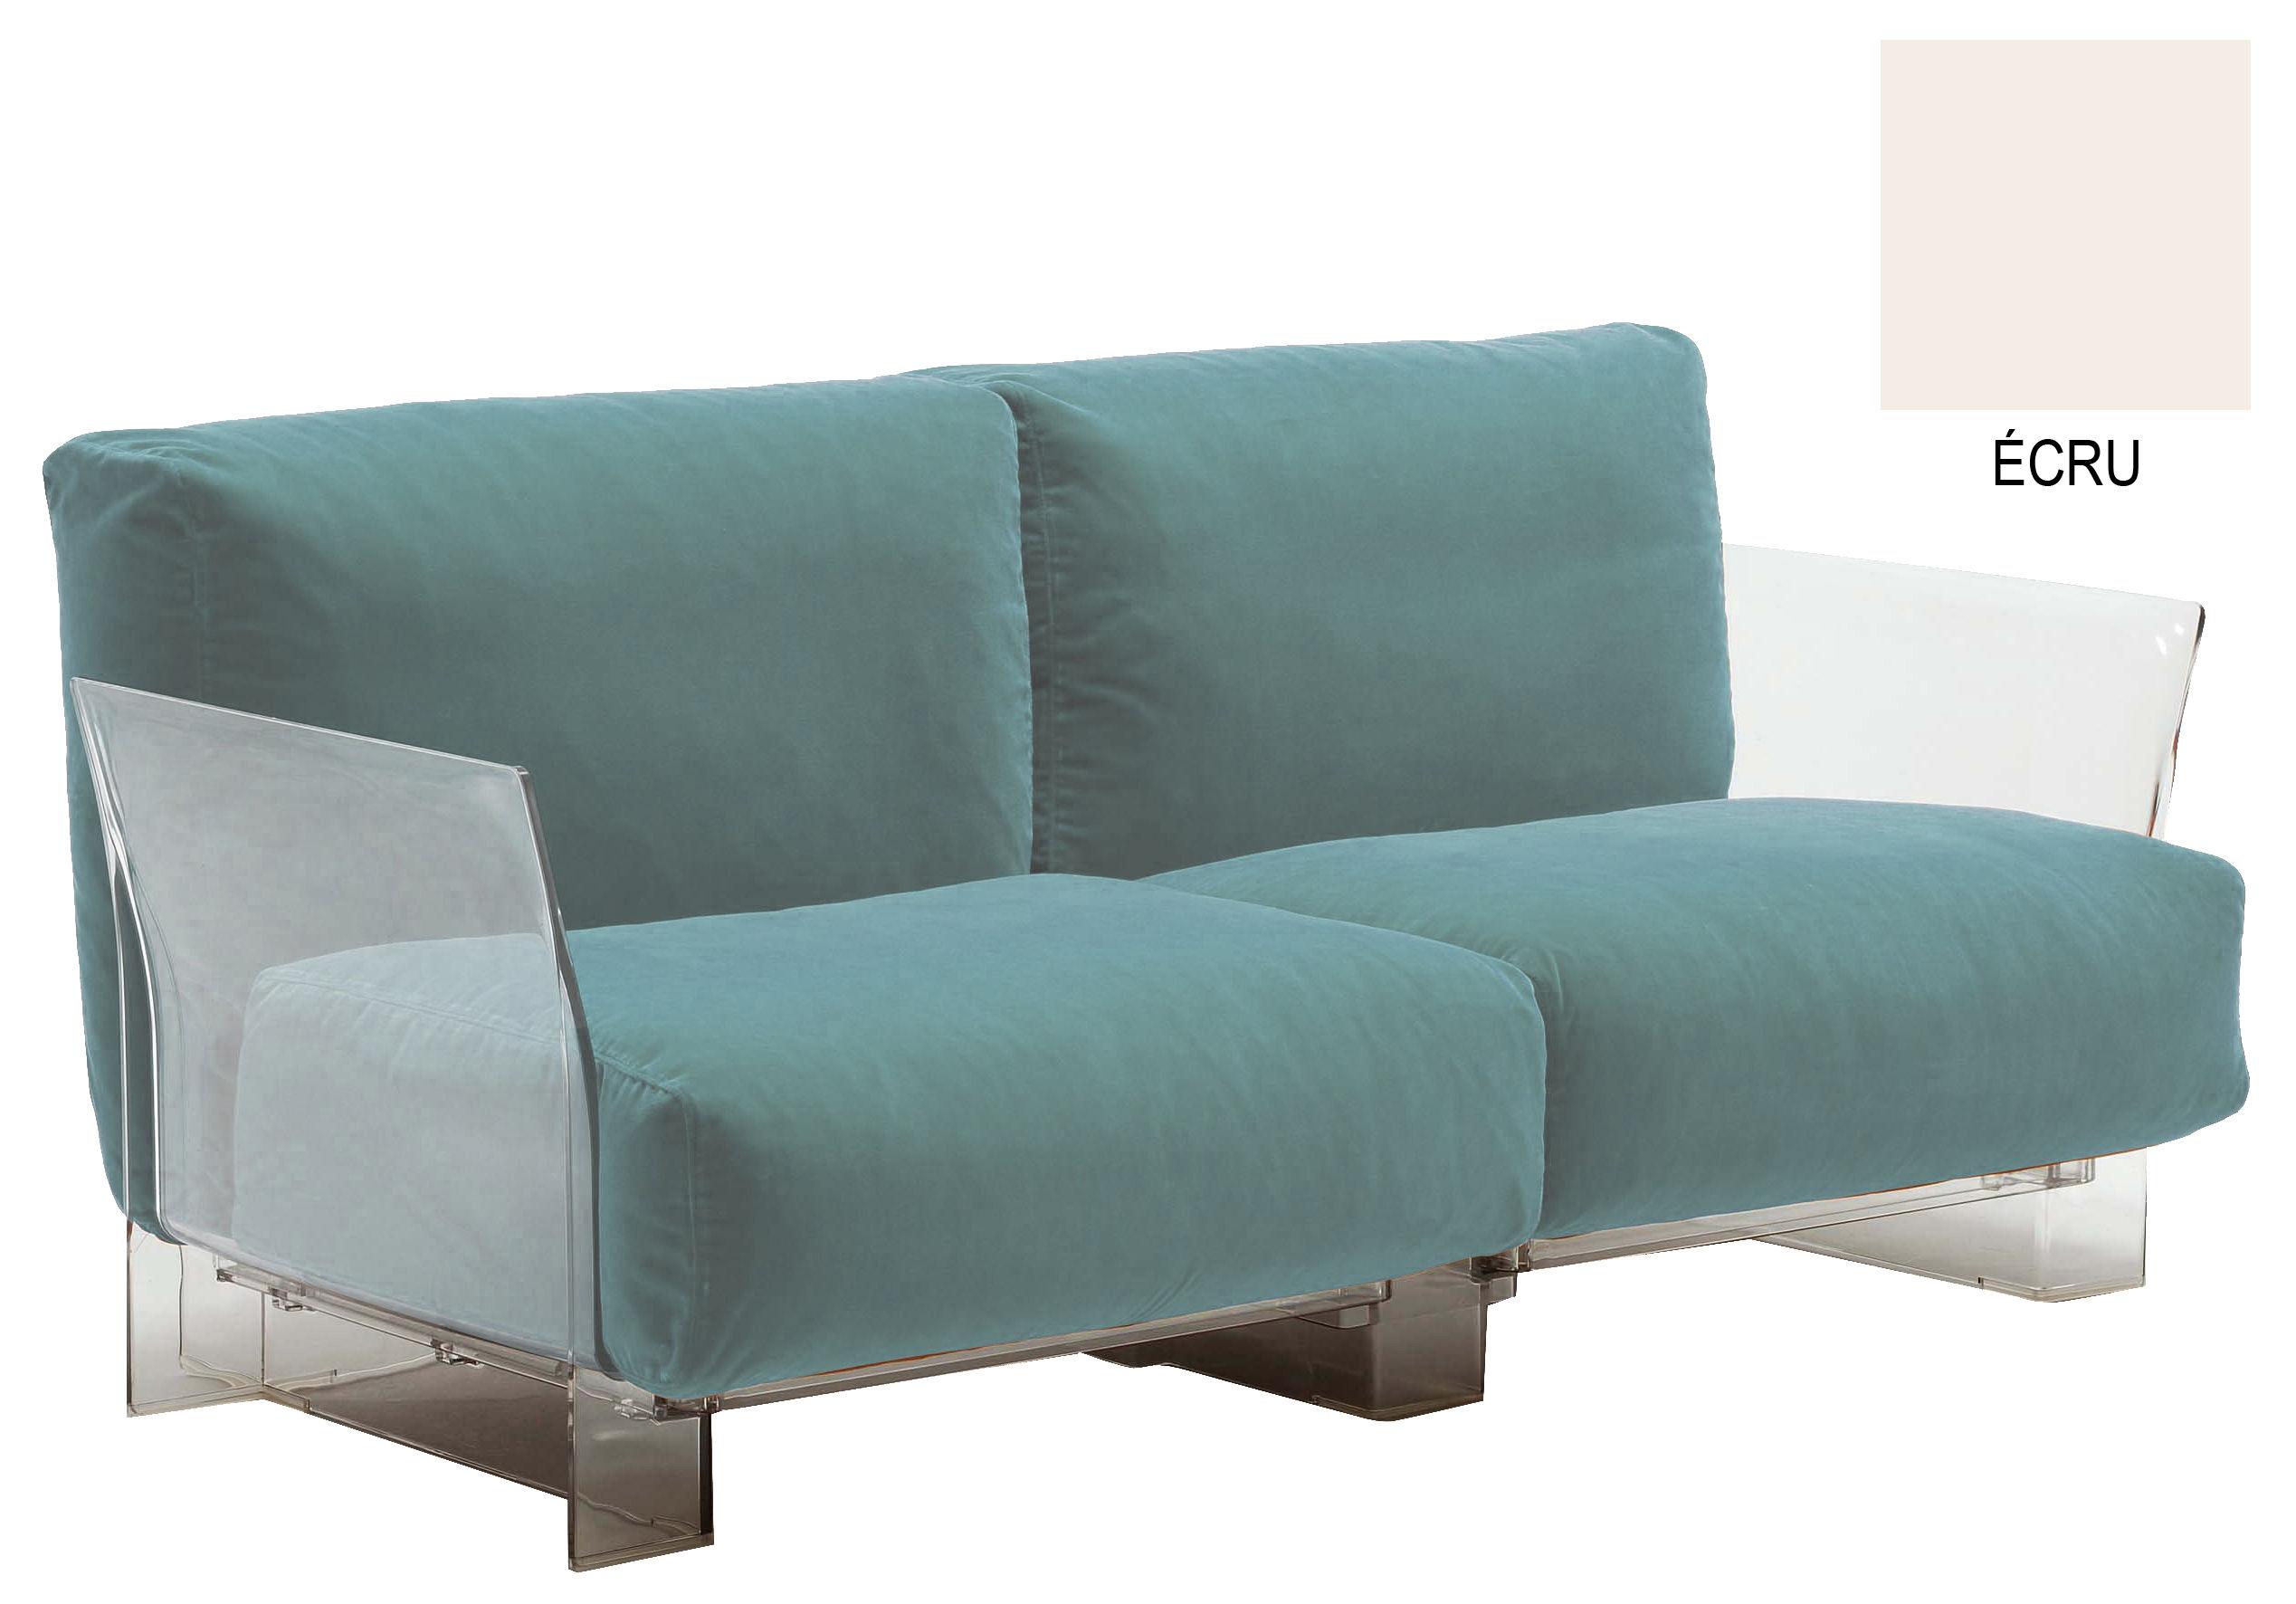 Mobilier - Canapés - Canapé droit Pop / 2 places - L 175 cm - Kartell - 2 places - Tissu écru - Coton, Polycarbonate